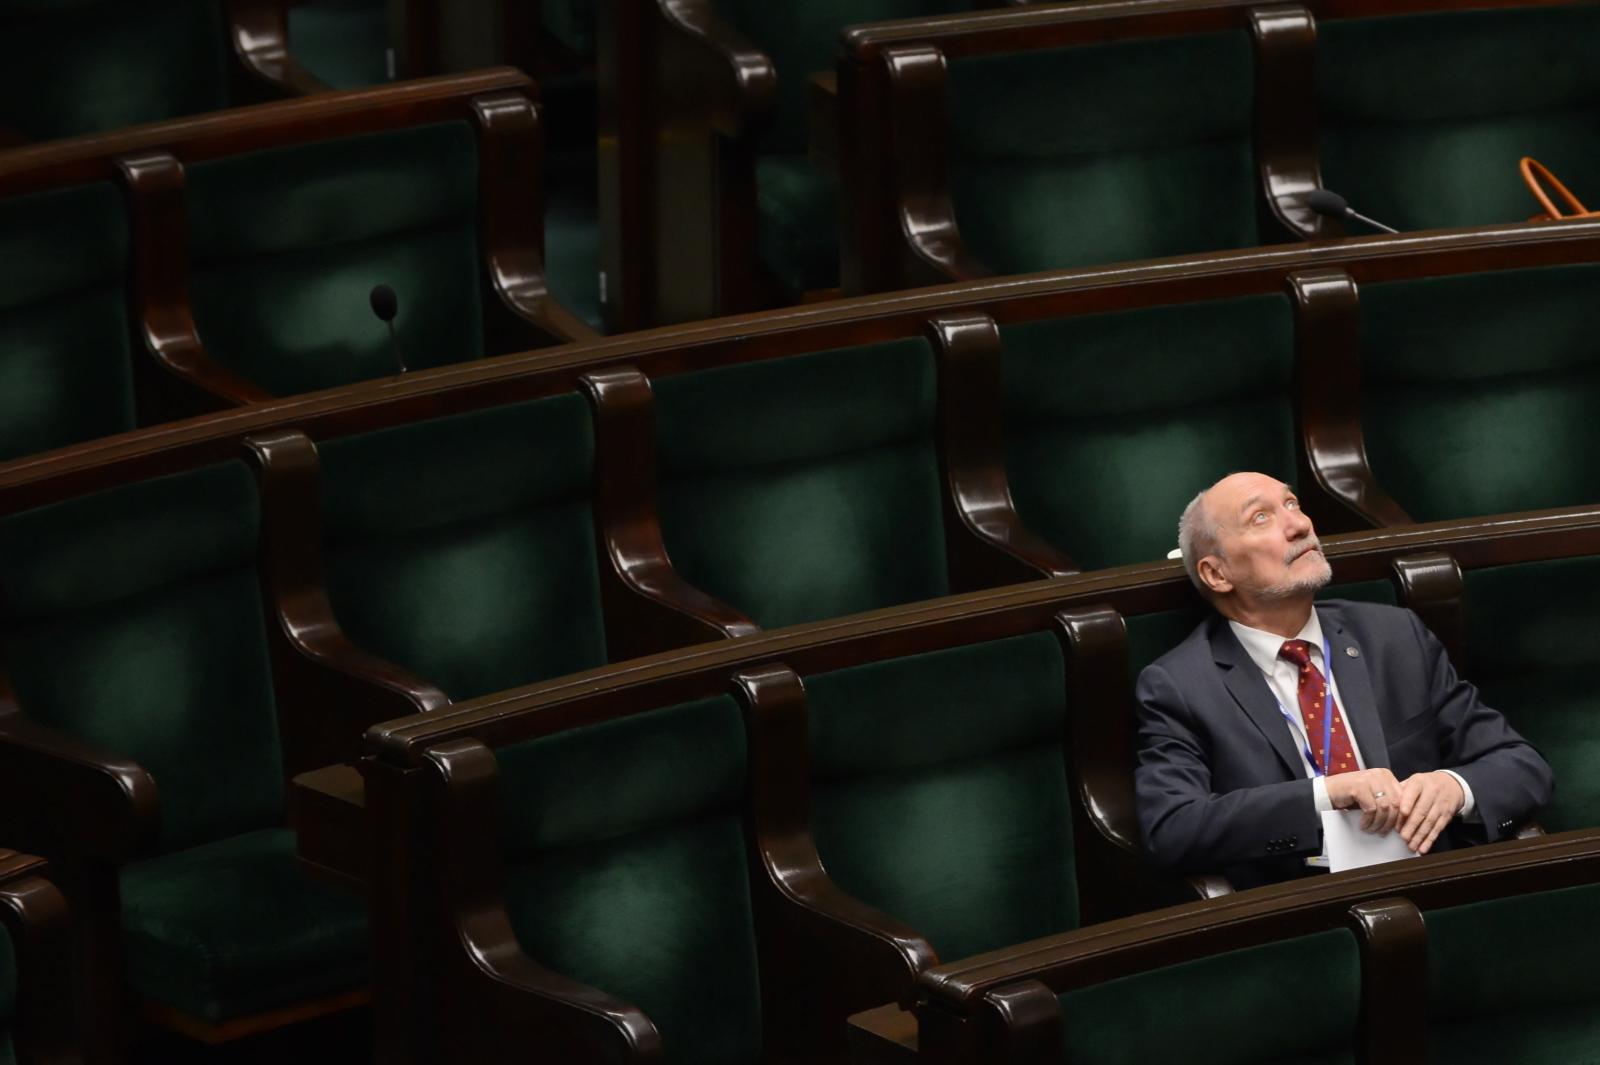 Poseł Prawa i Sprawiedliwości Antoni Macierewicz na sali obrad podczas posiedzenia. Fot. PAP/Jakub Kamiñski